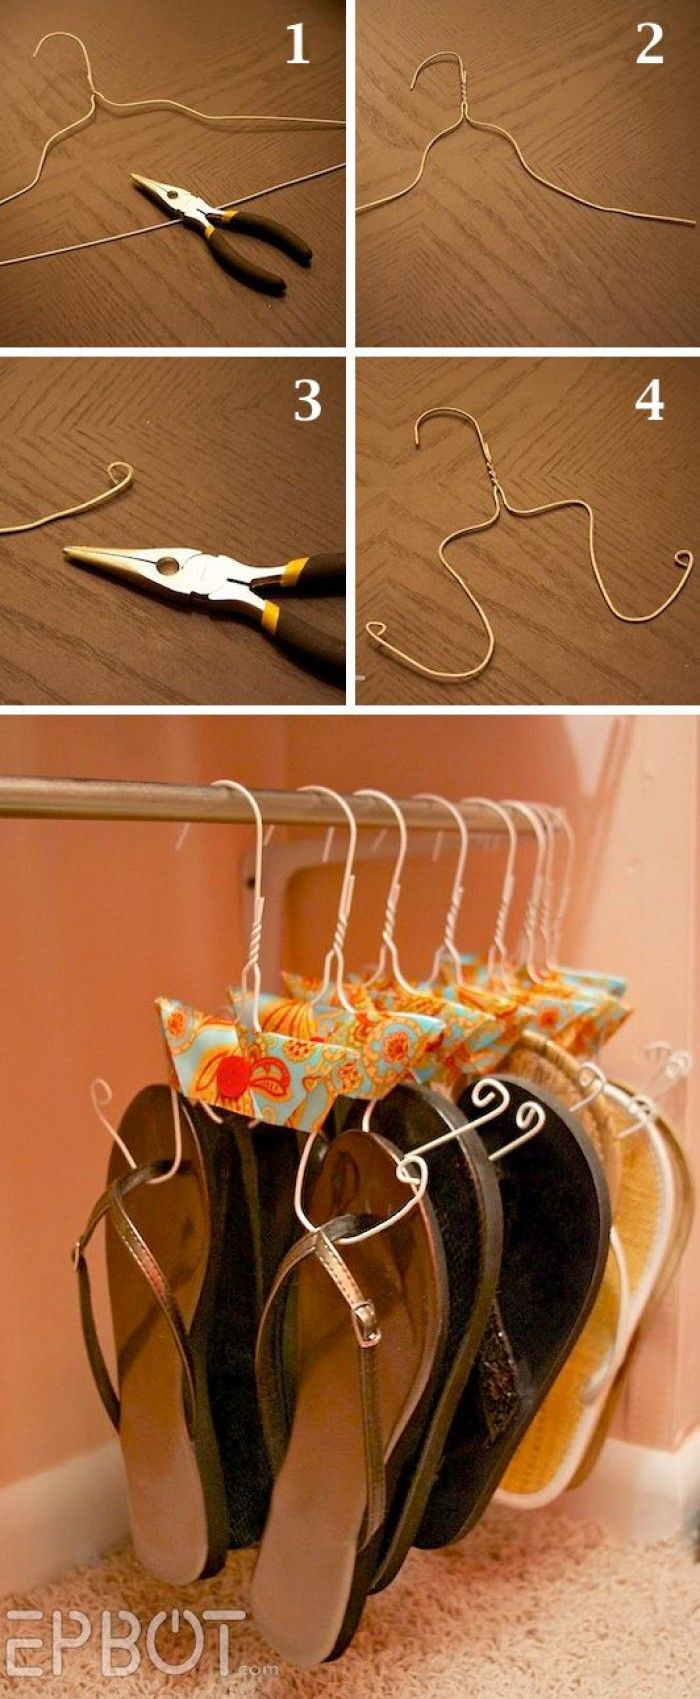 Ideale Lösung für meine Schuhsammlung. Alte Drahtbügel umfunktionieren damit man Flip Flops und Sandalen dran aufhängen kann